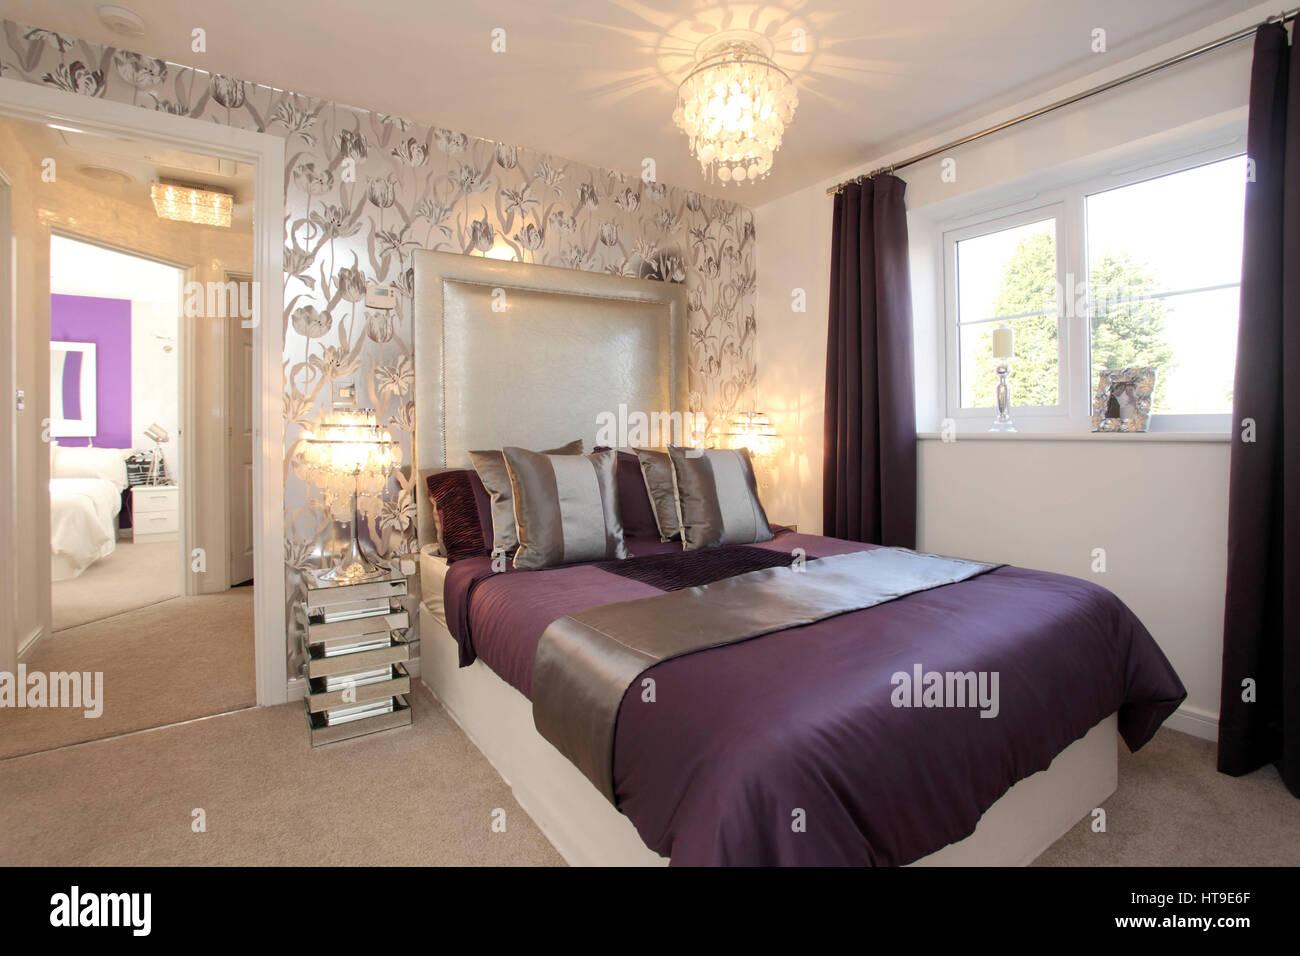 Wohngebäude, Schlafzimmer Dekoriert In Lila Und Silber, Wand, Silberne  Tapete, Blumenmuster, Bad, Schränke,